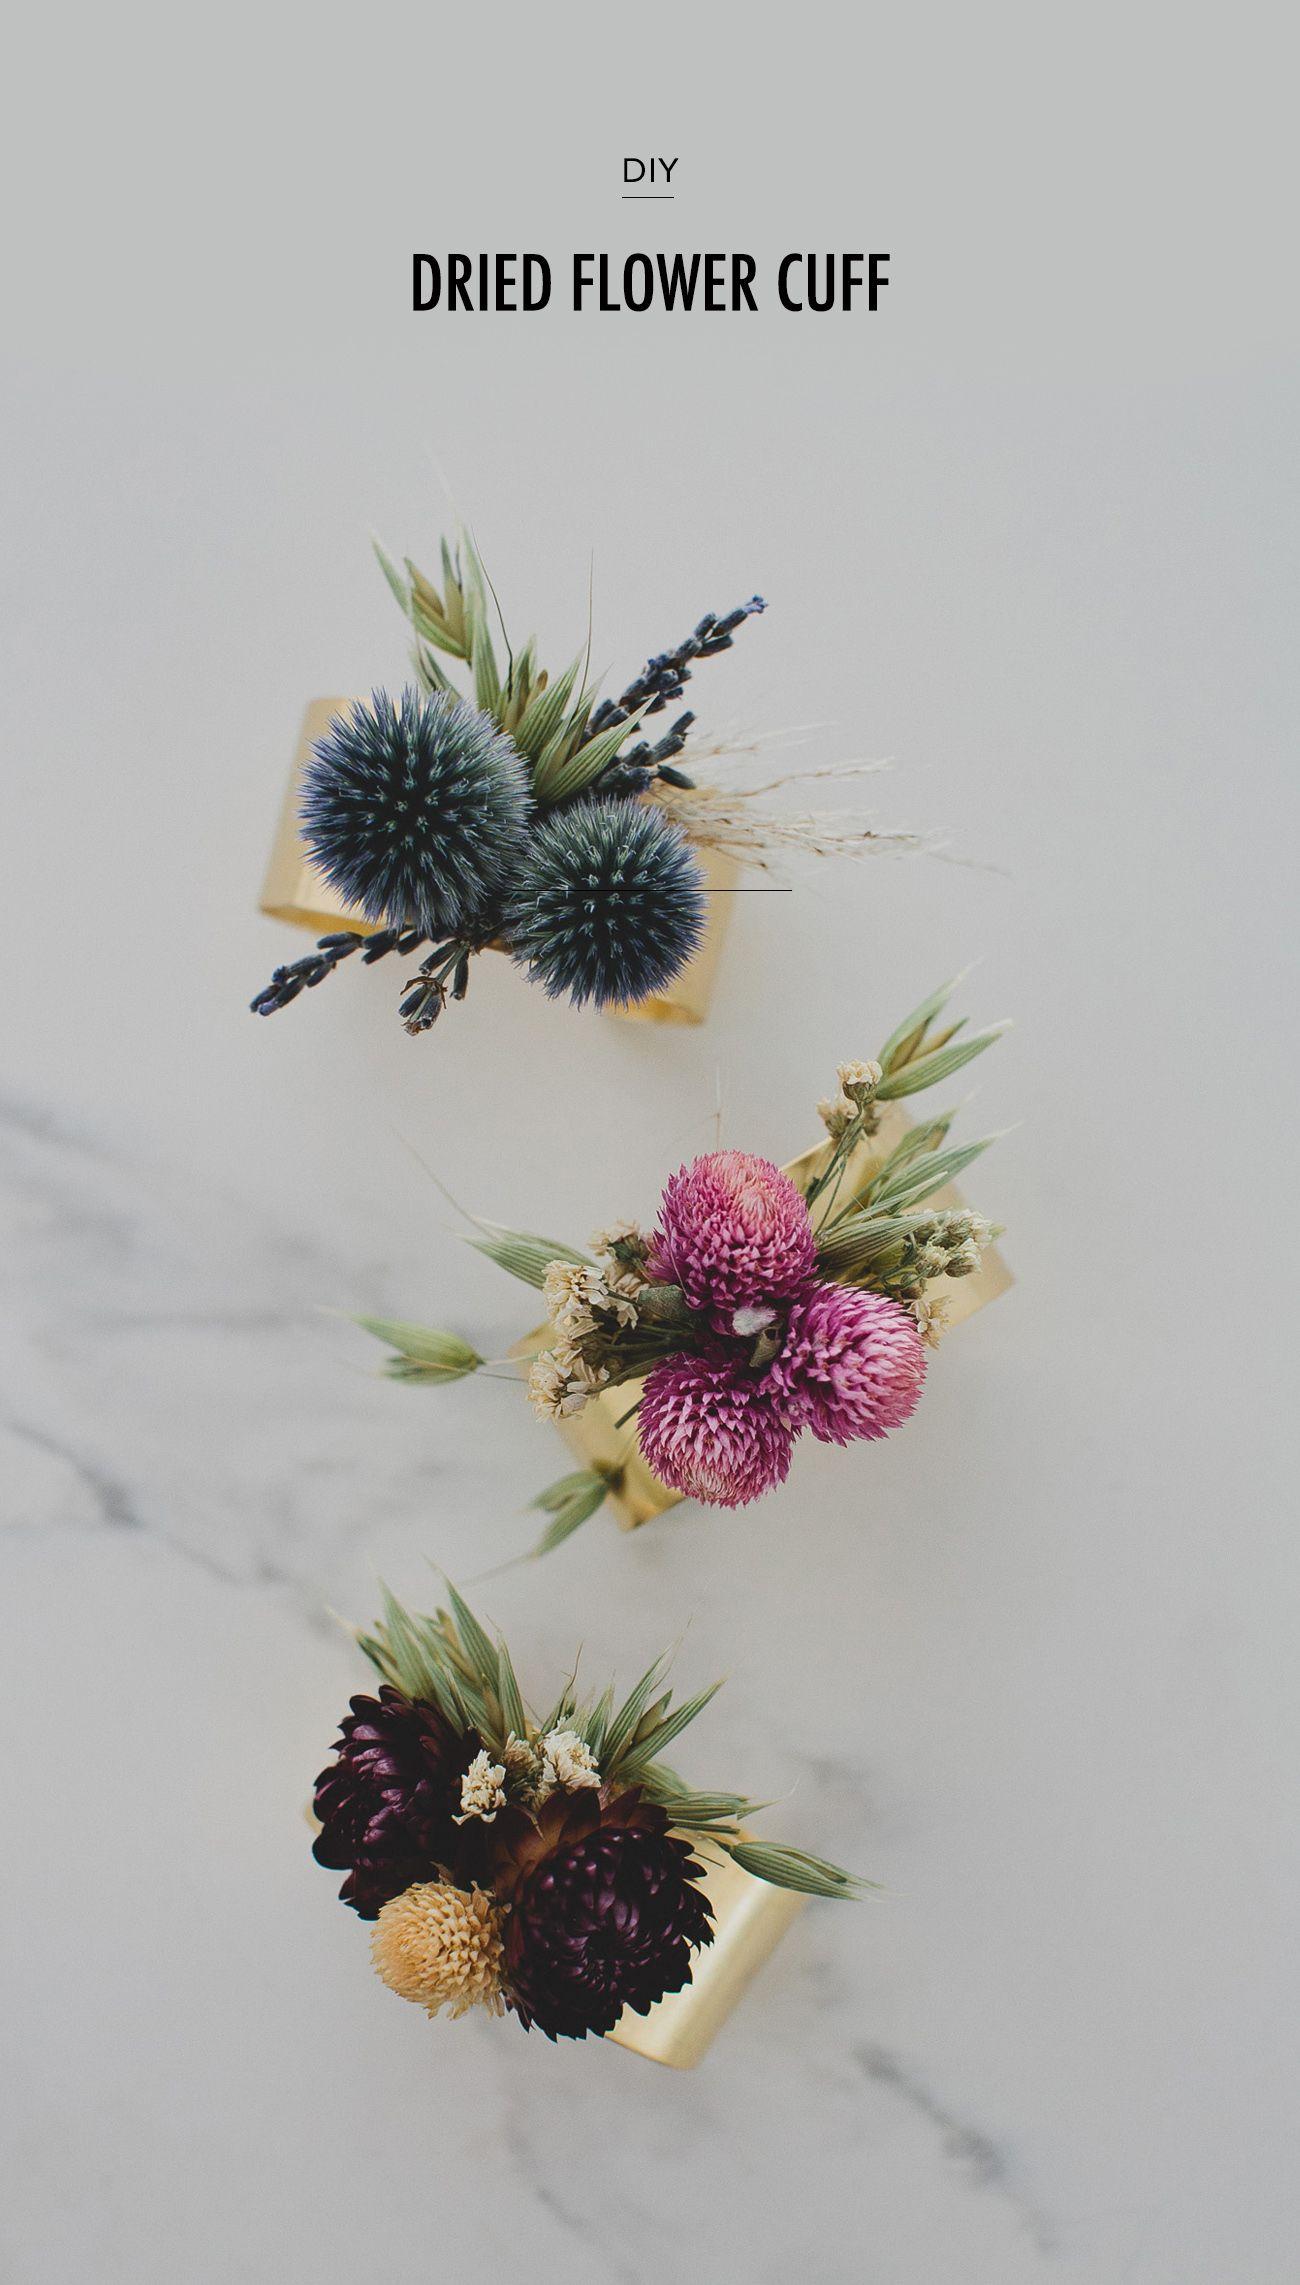 Diy Dried Flower Cuff My Wedding Pinterest Flowers Dried